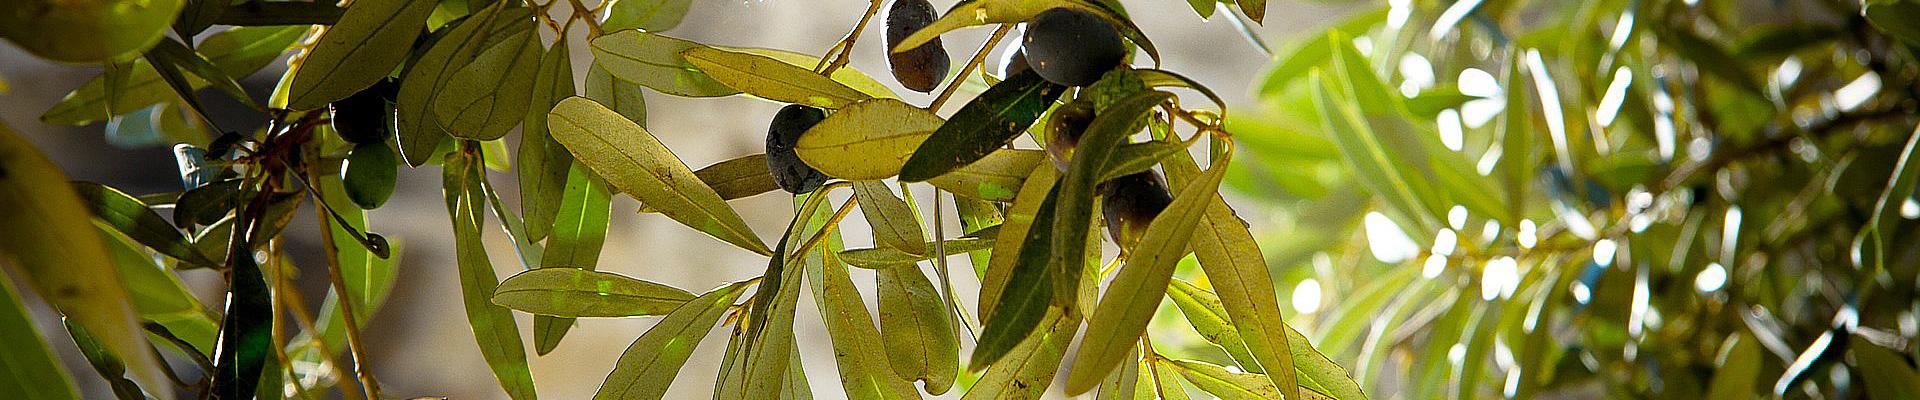 almasol-olivenöl-slider-4